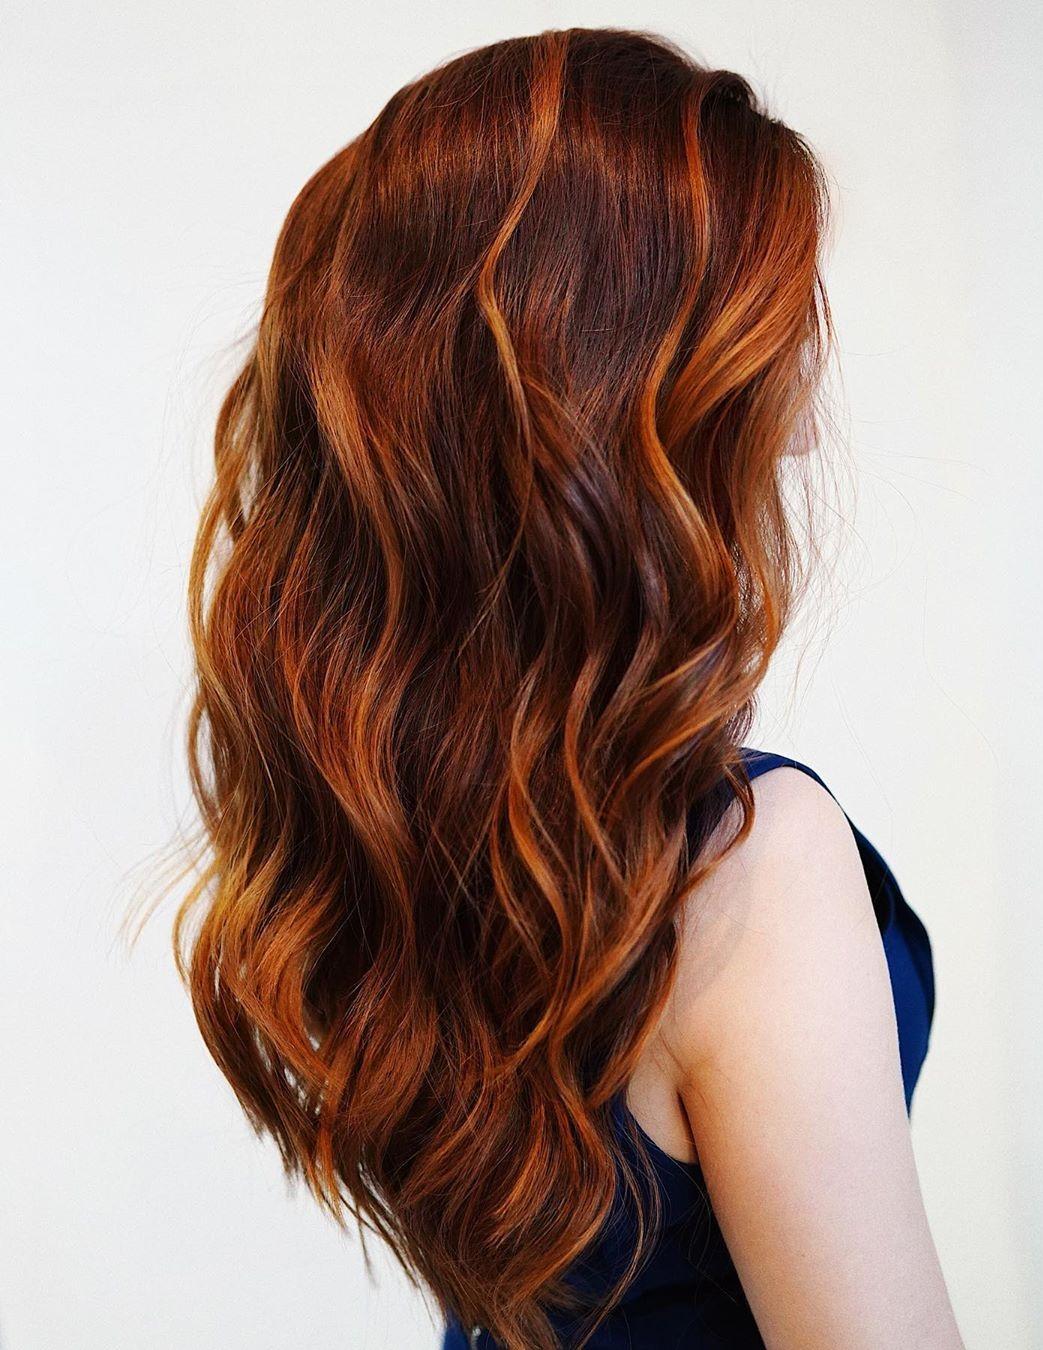 Deep Auburn Hair with Bright Highlights